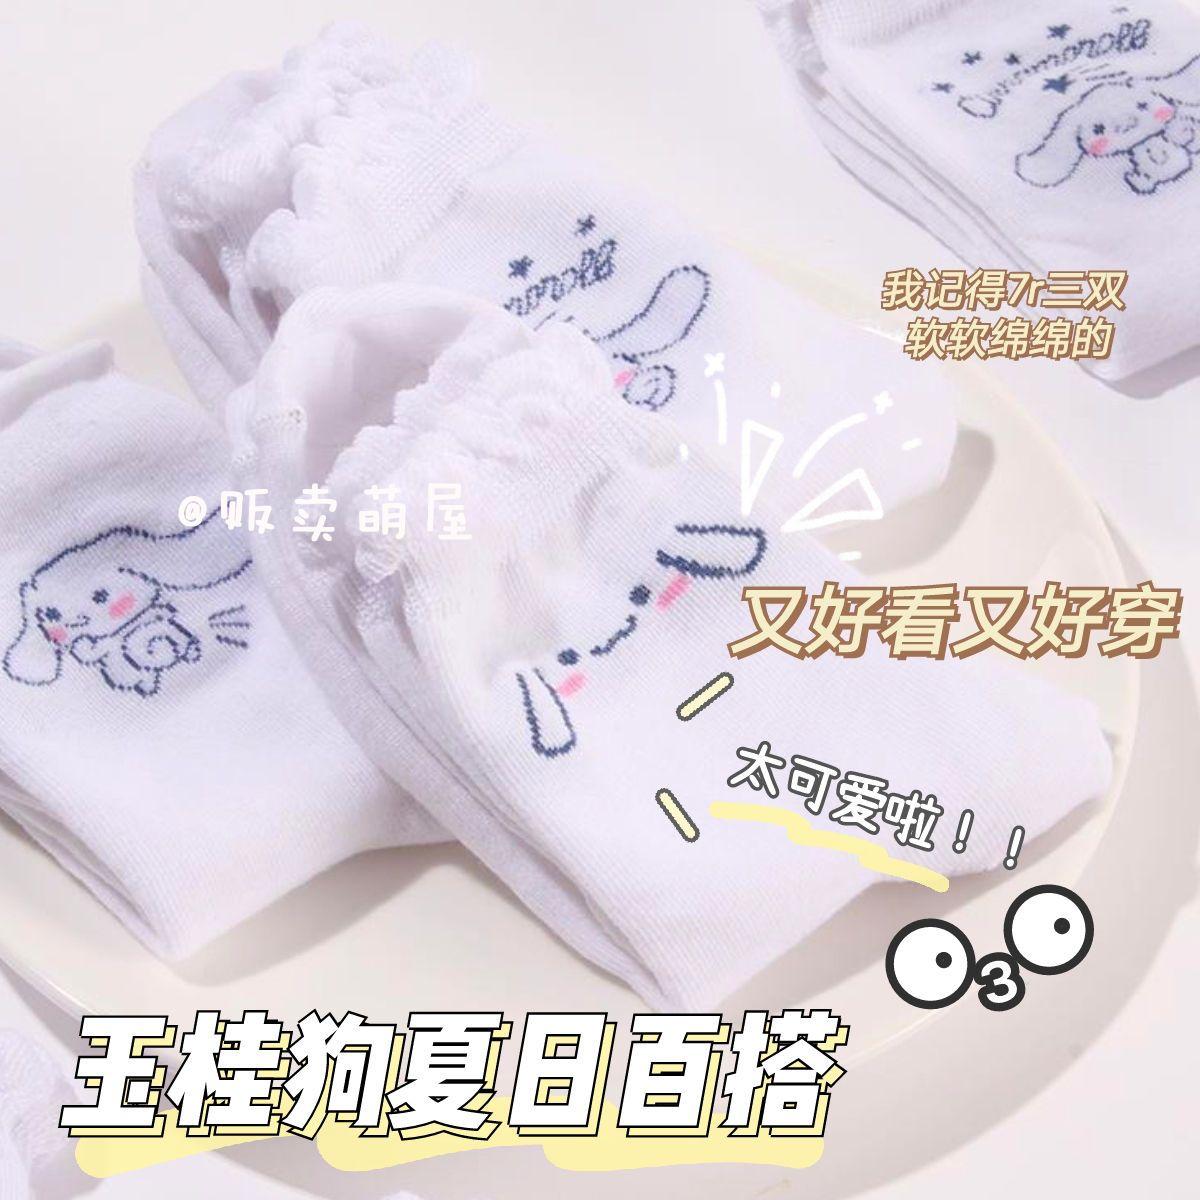 【3双装】夏天袜子女白色中筒花边玉桂狗棉袜子薄款日系软妹袜